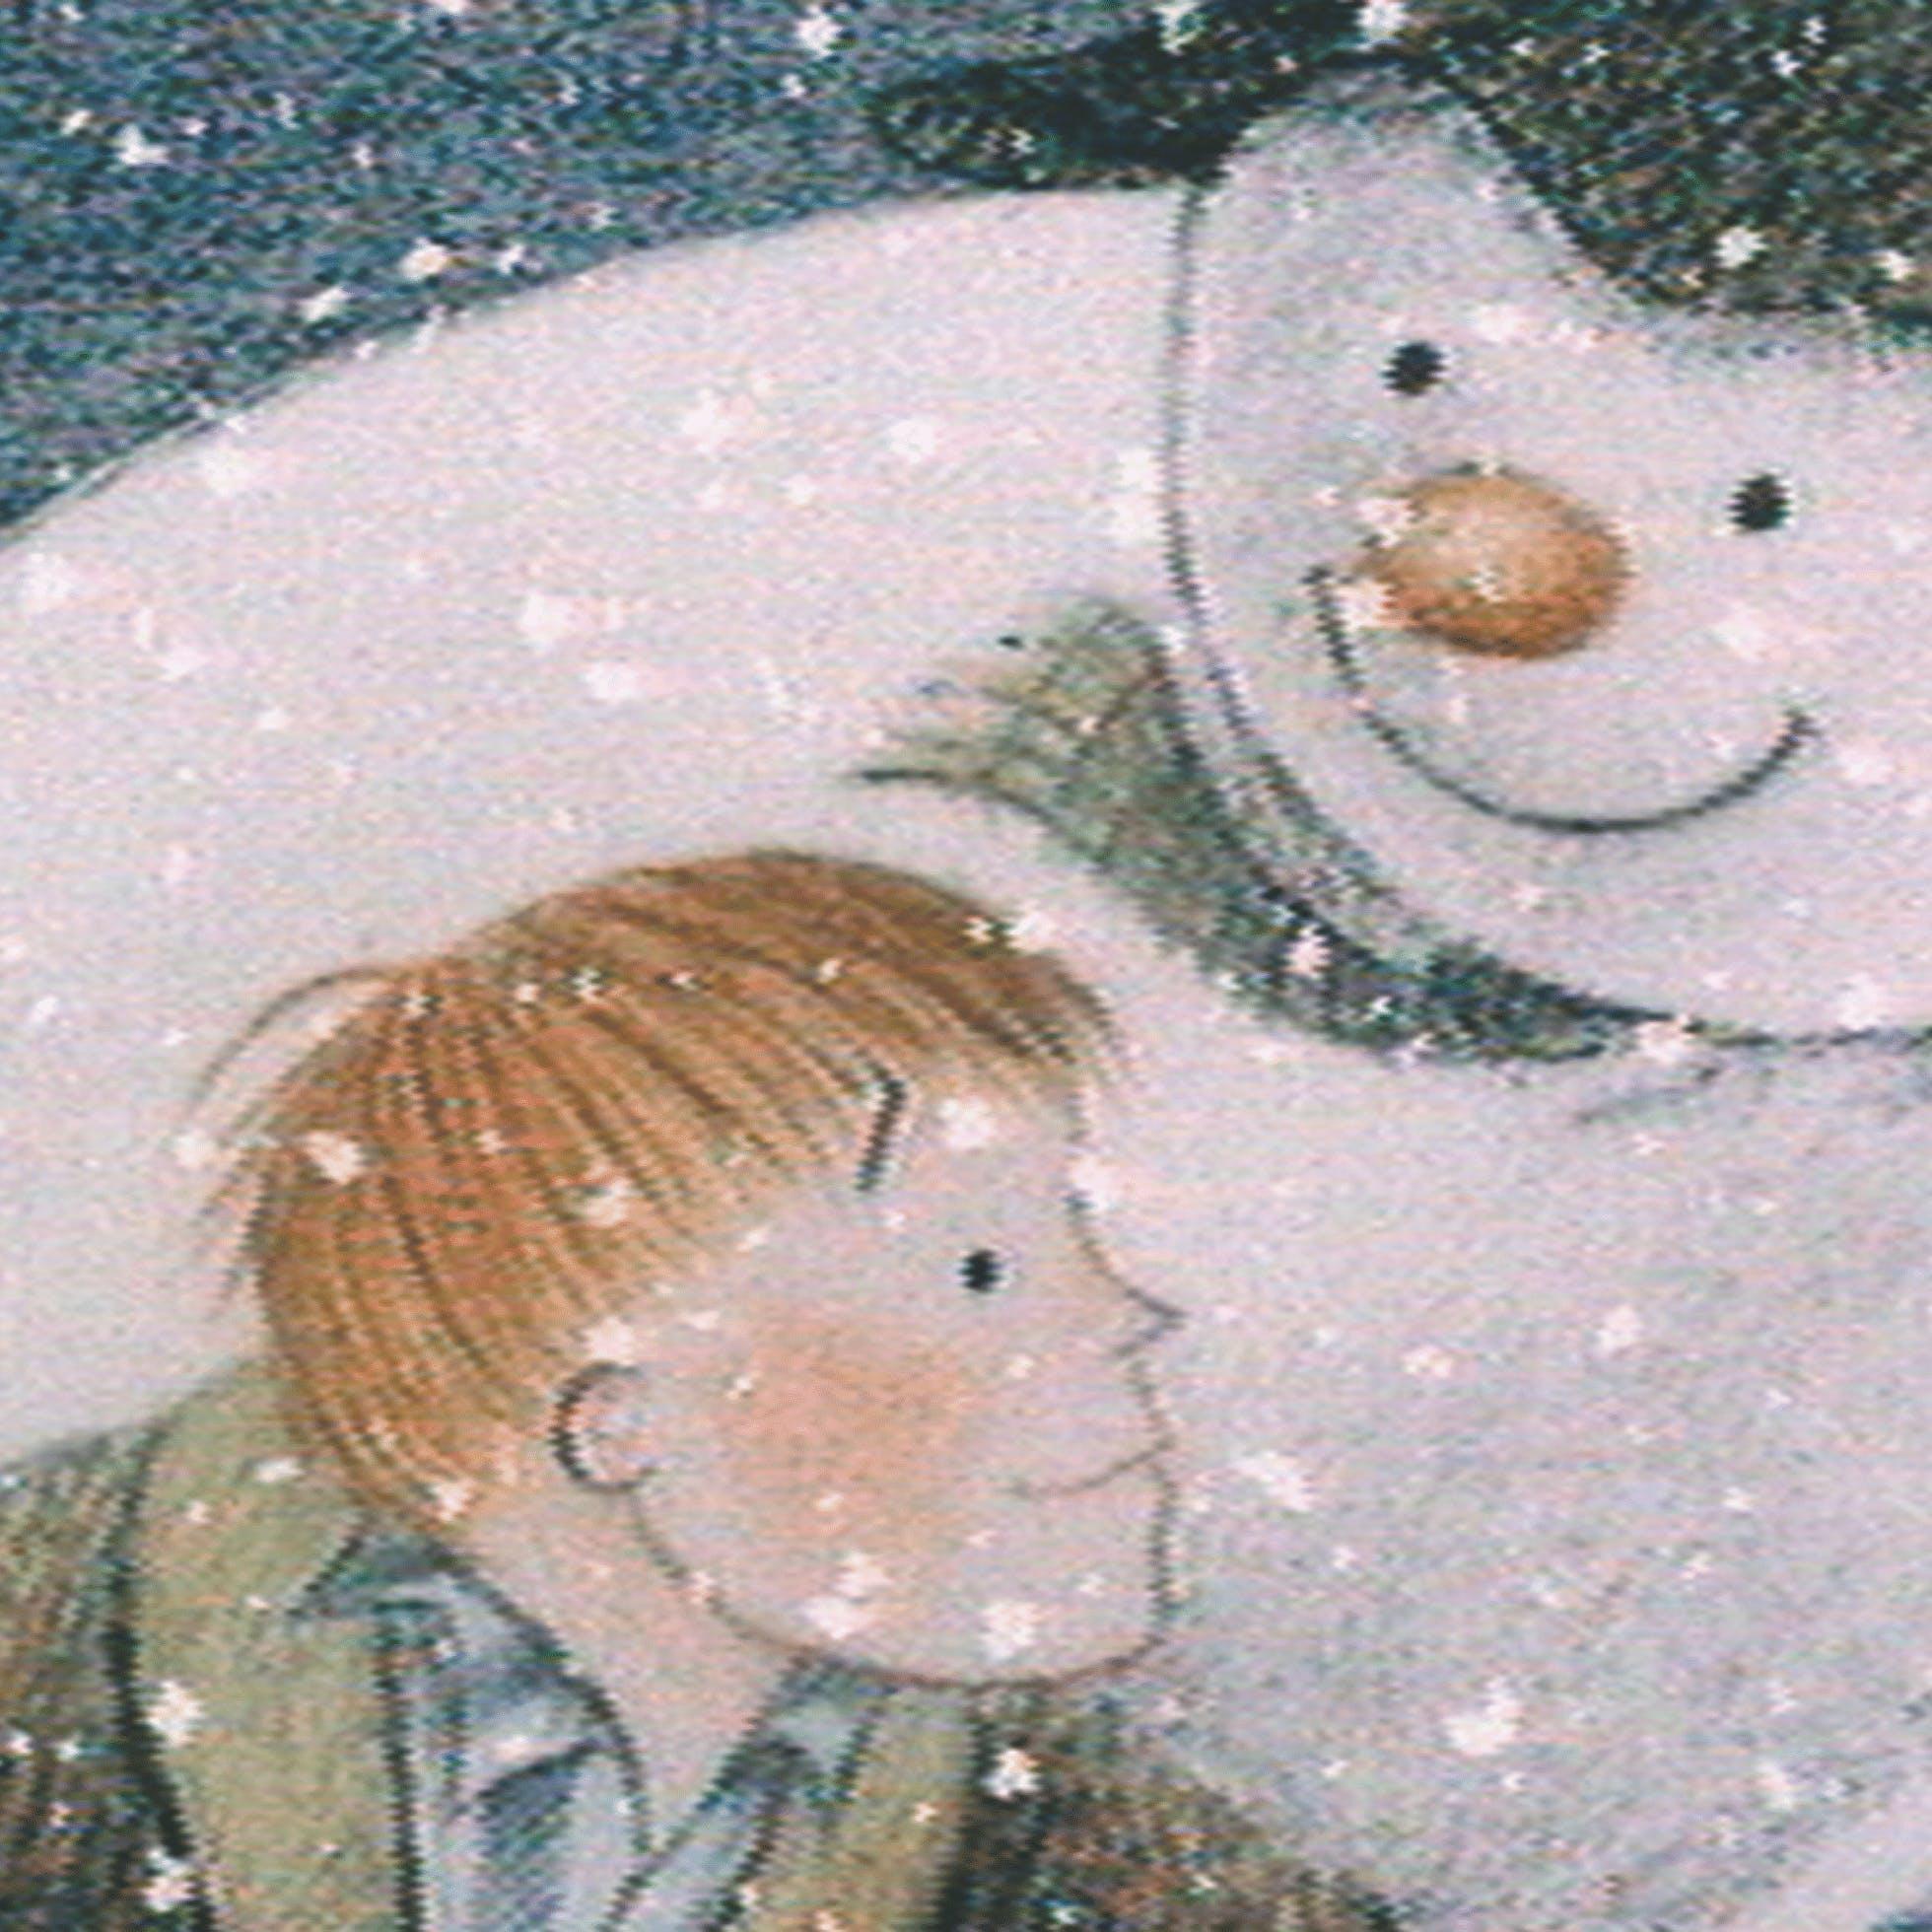 Atlantic Union Bank LolliPops: The Snowman